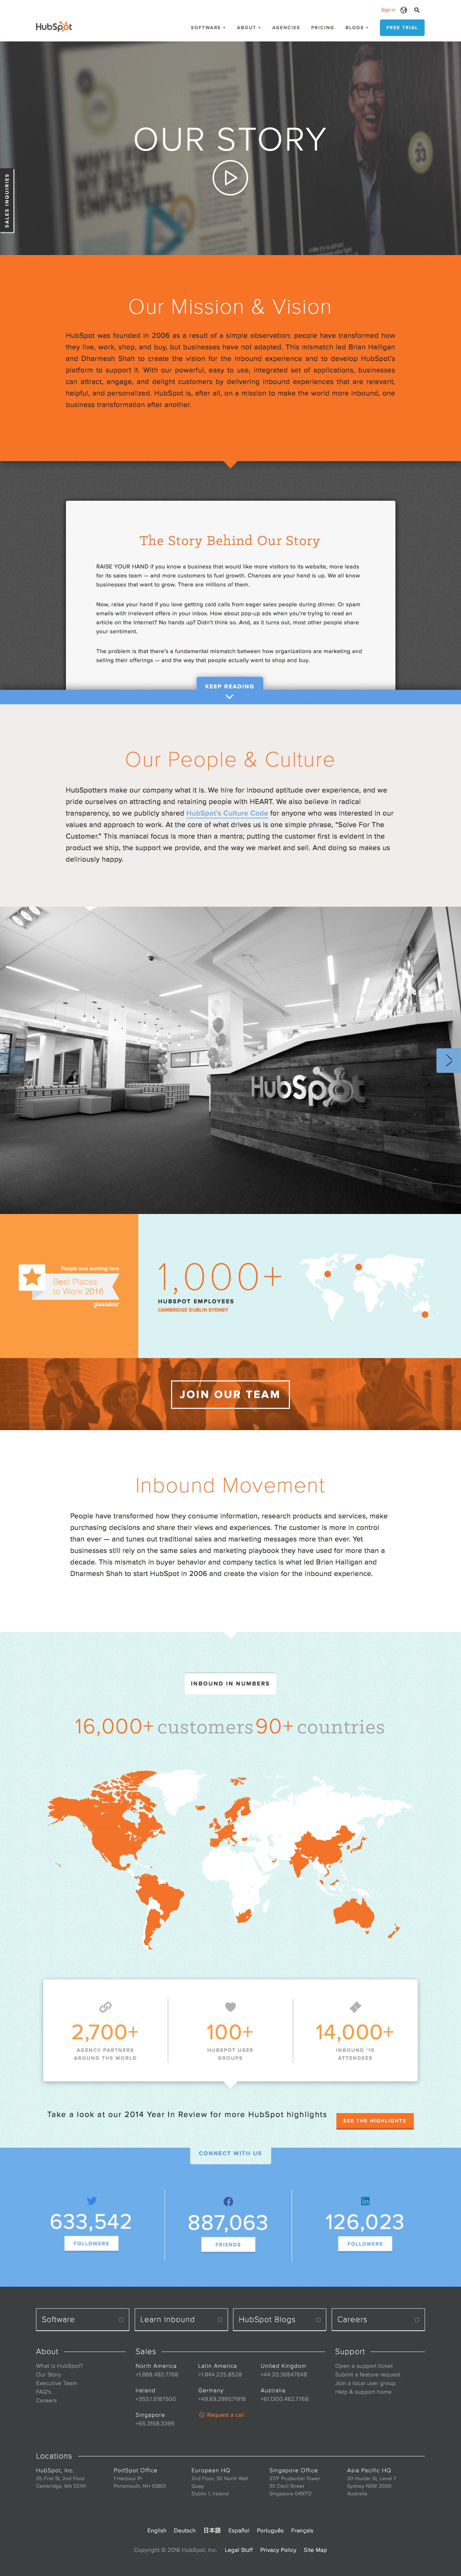 Screenshot of hubspot.com - About HubSpot - Internet Marketing Company - captured Feb. 12, 2016